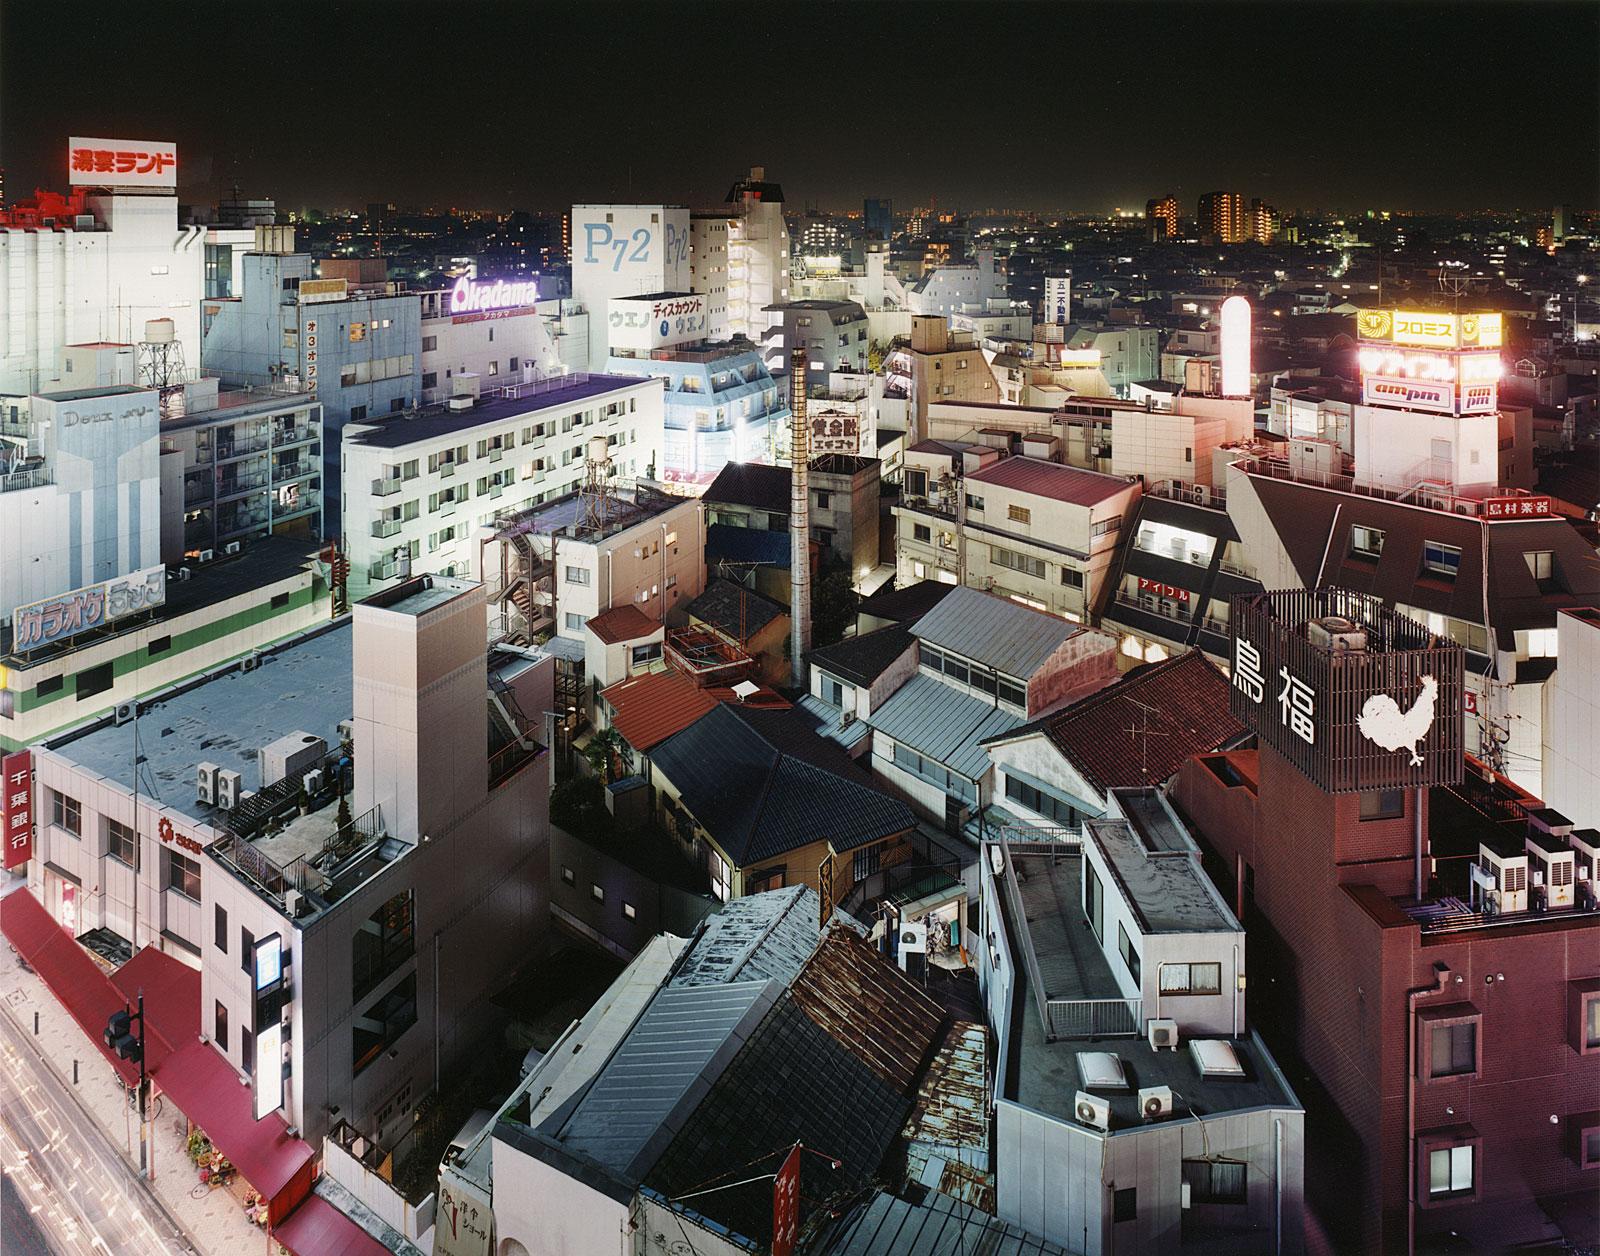 Sato Shintaro - Minamikoiwa Edogawa-ku 2003